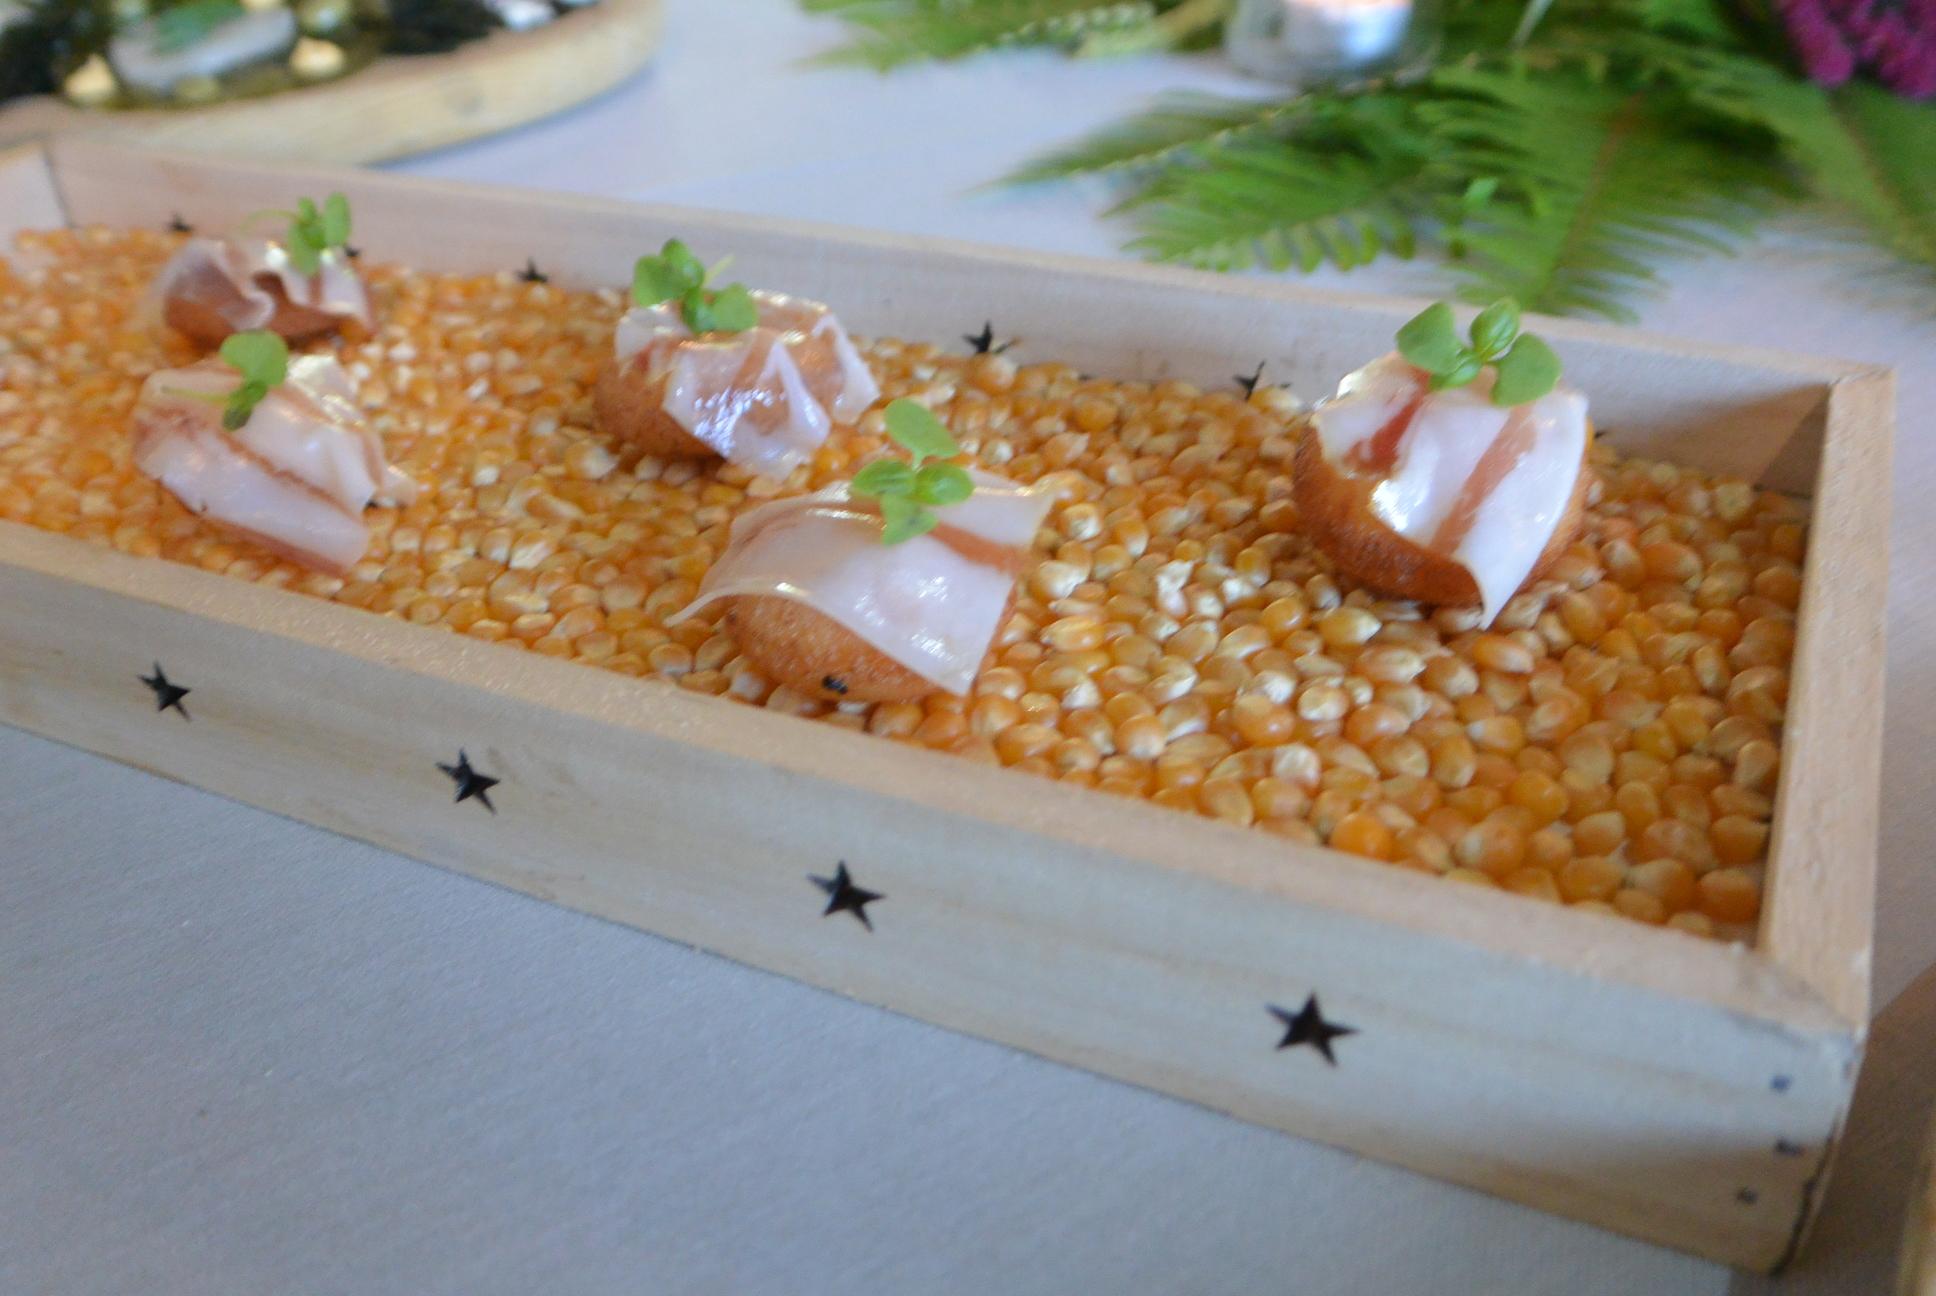 La Moncloa de San Lázaro añade a su oferta un menú estrella diseñado por el Restaurante Pablo de León 11